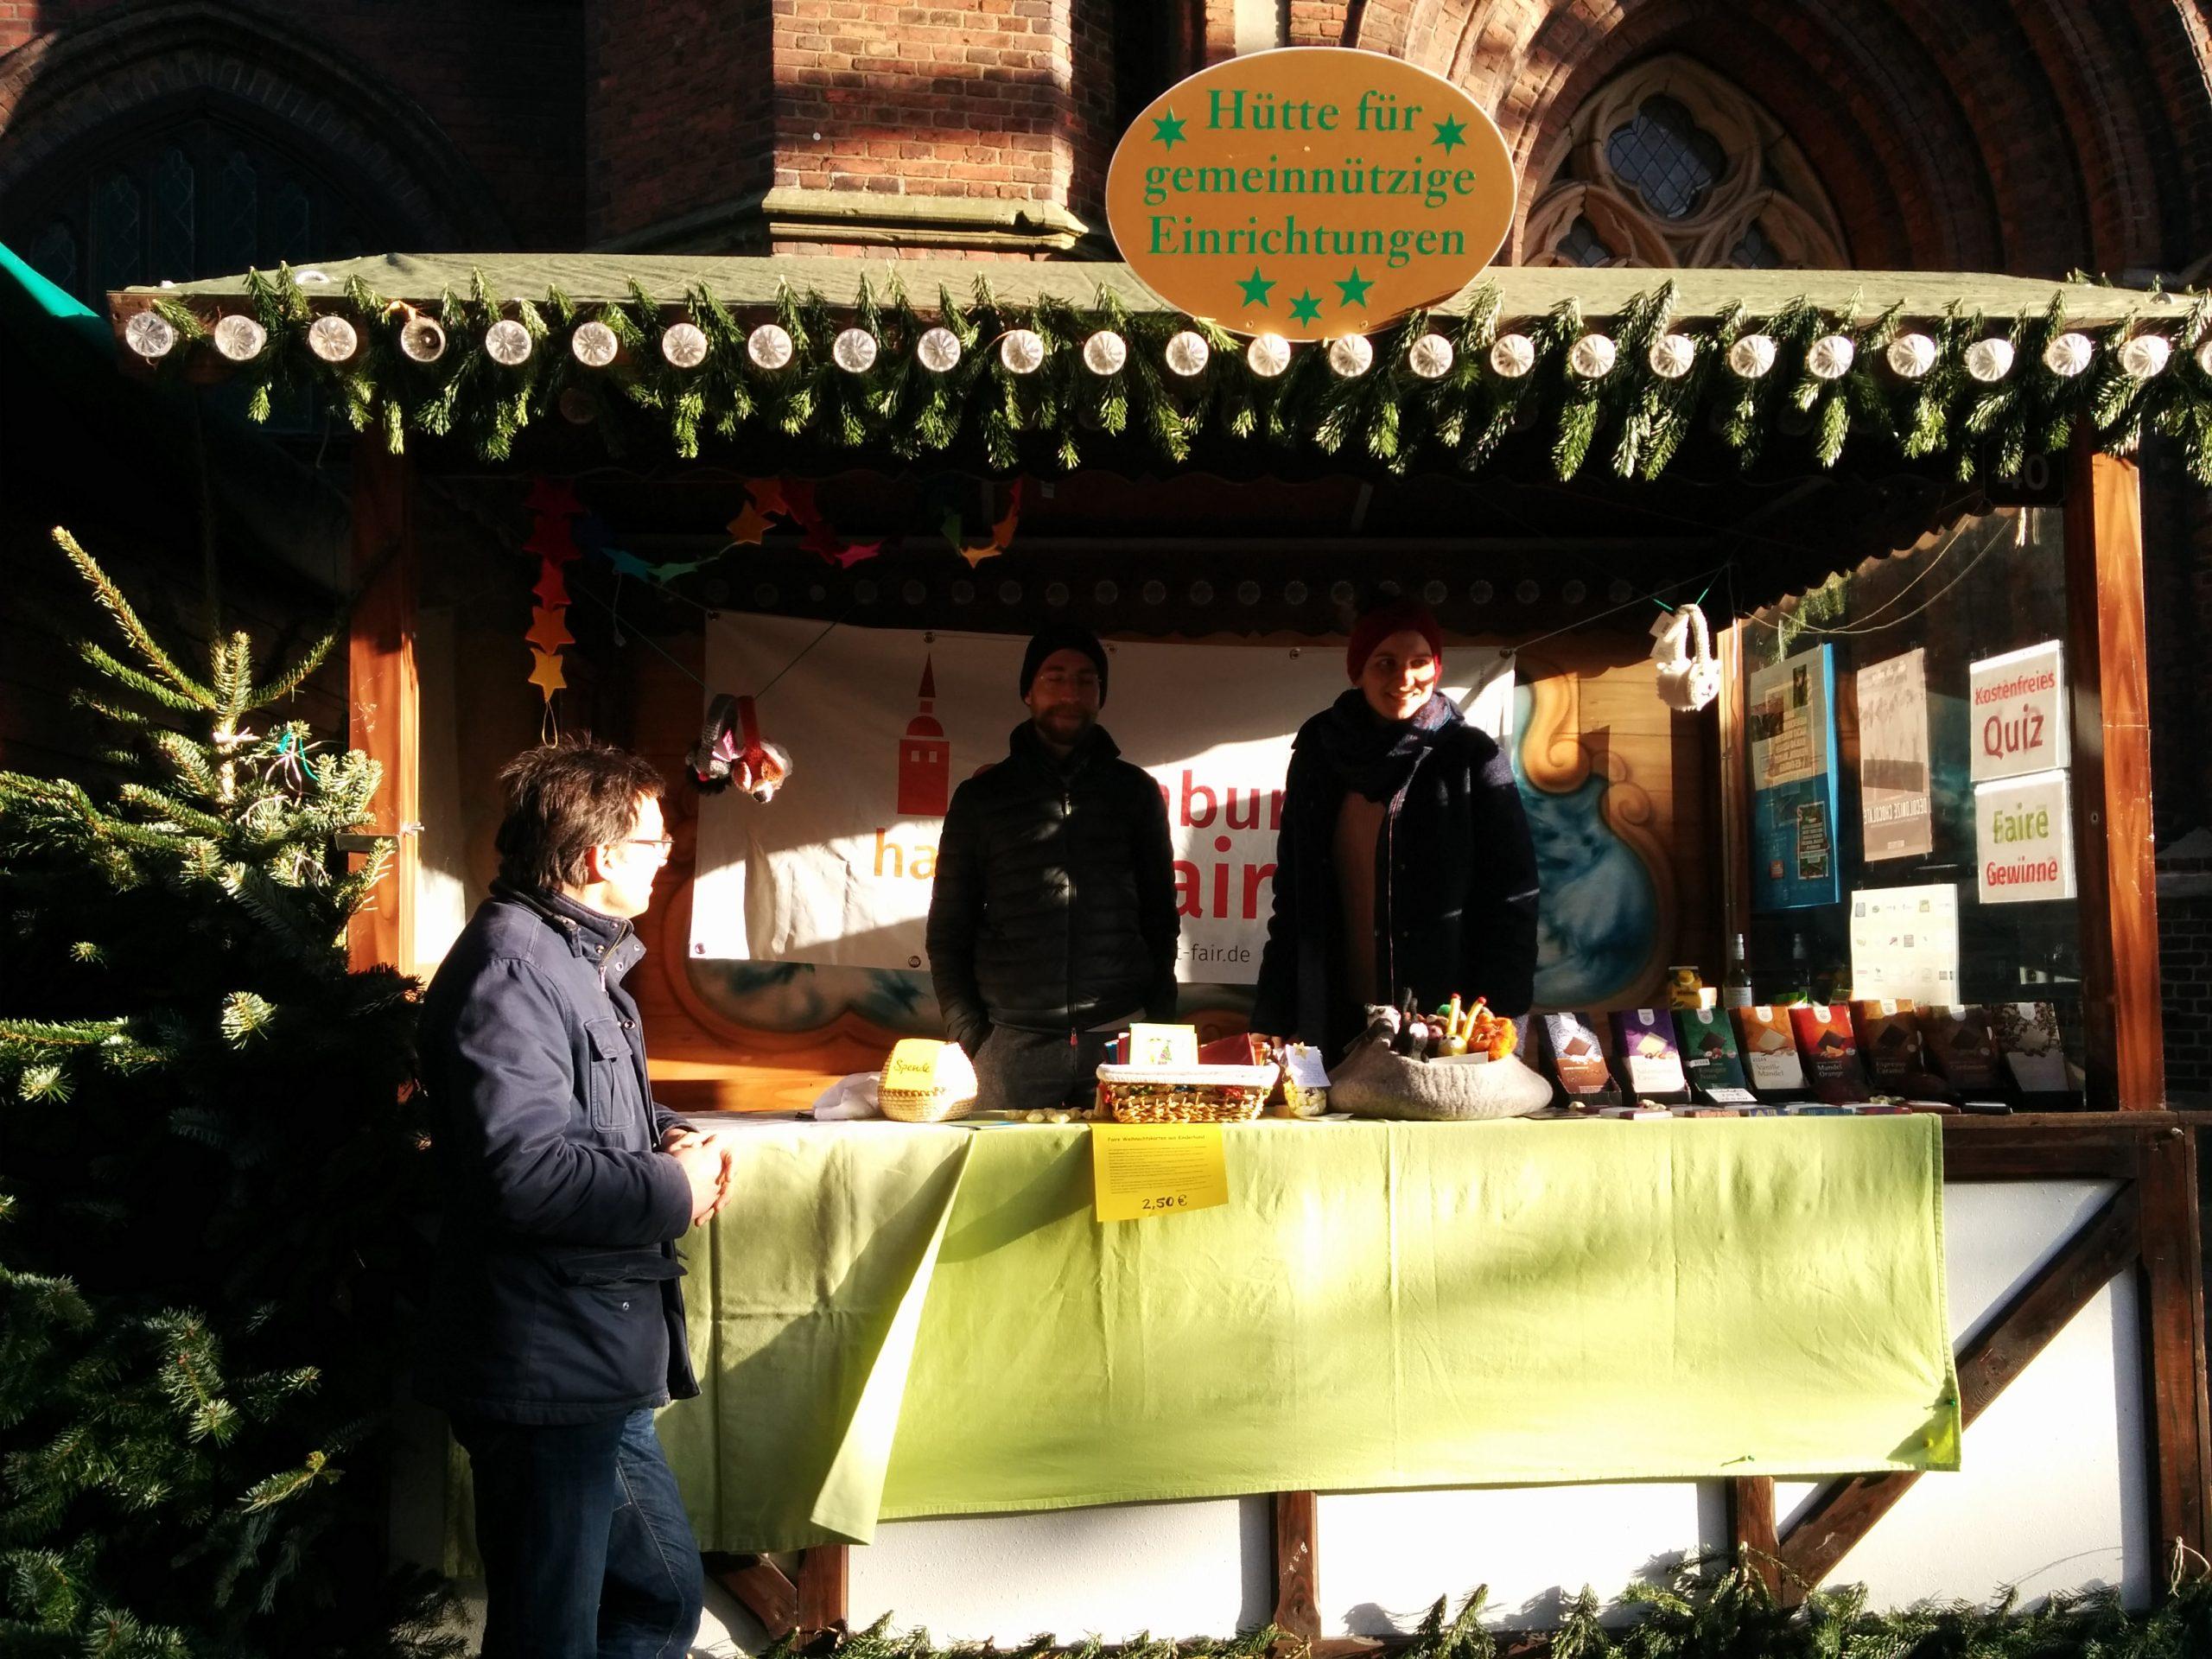 Hütte von Oldenburg handelt fair Lambertimarkt